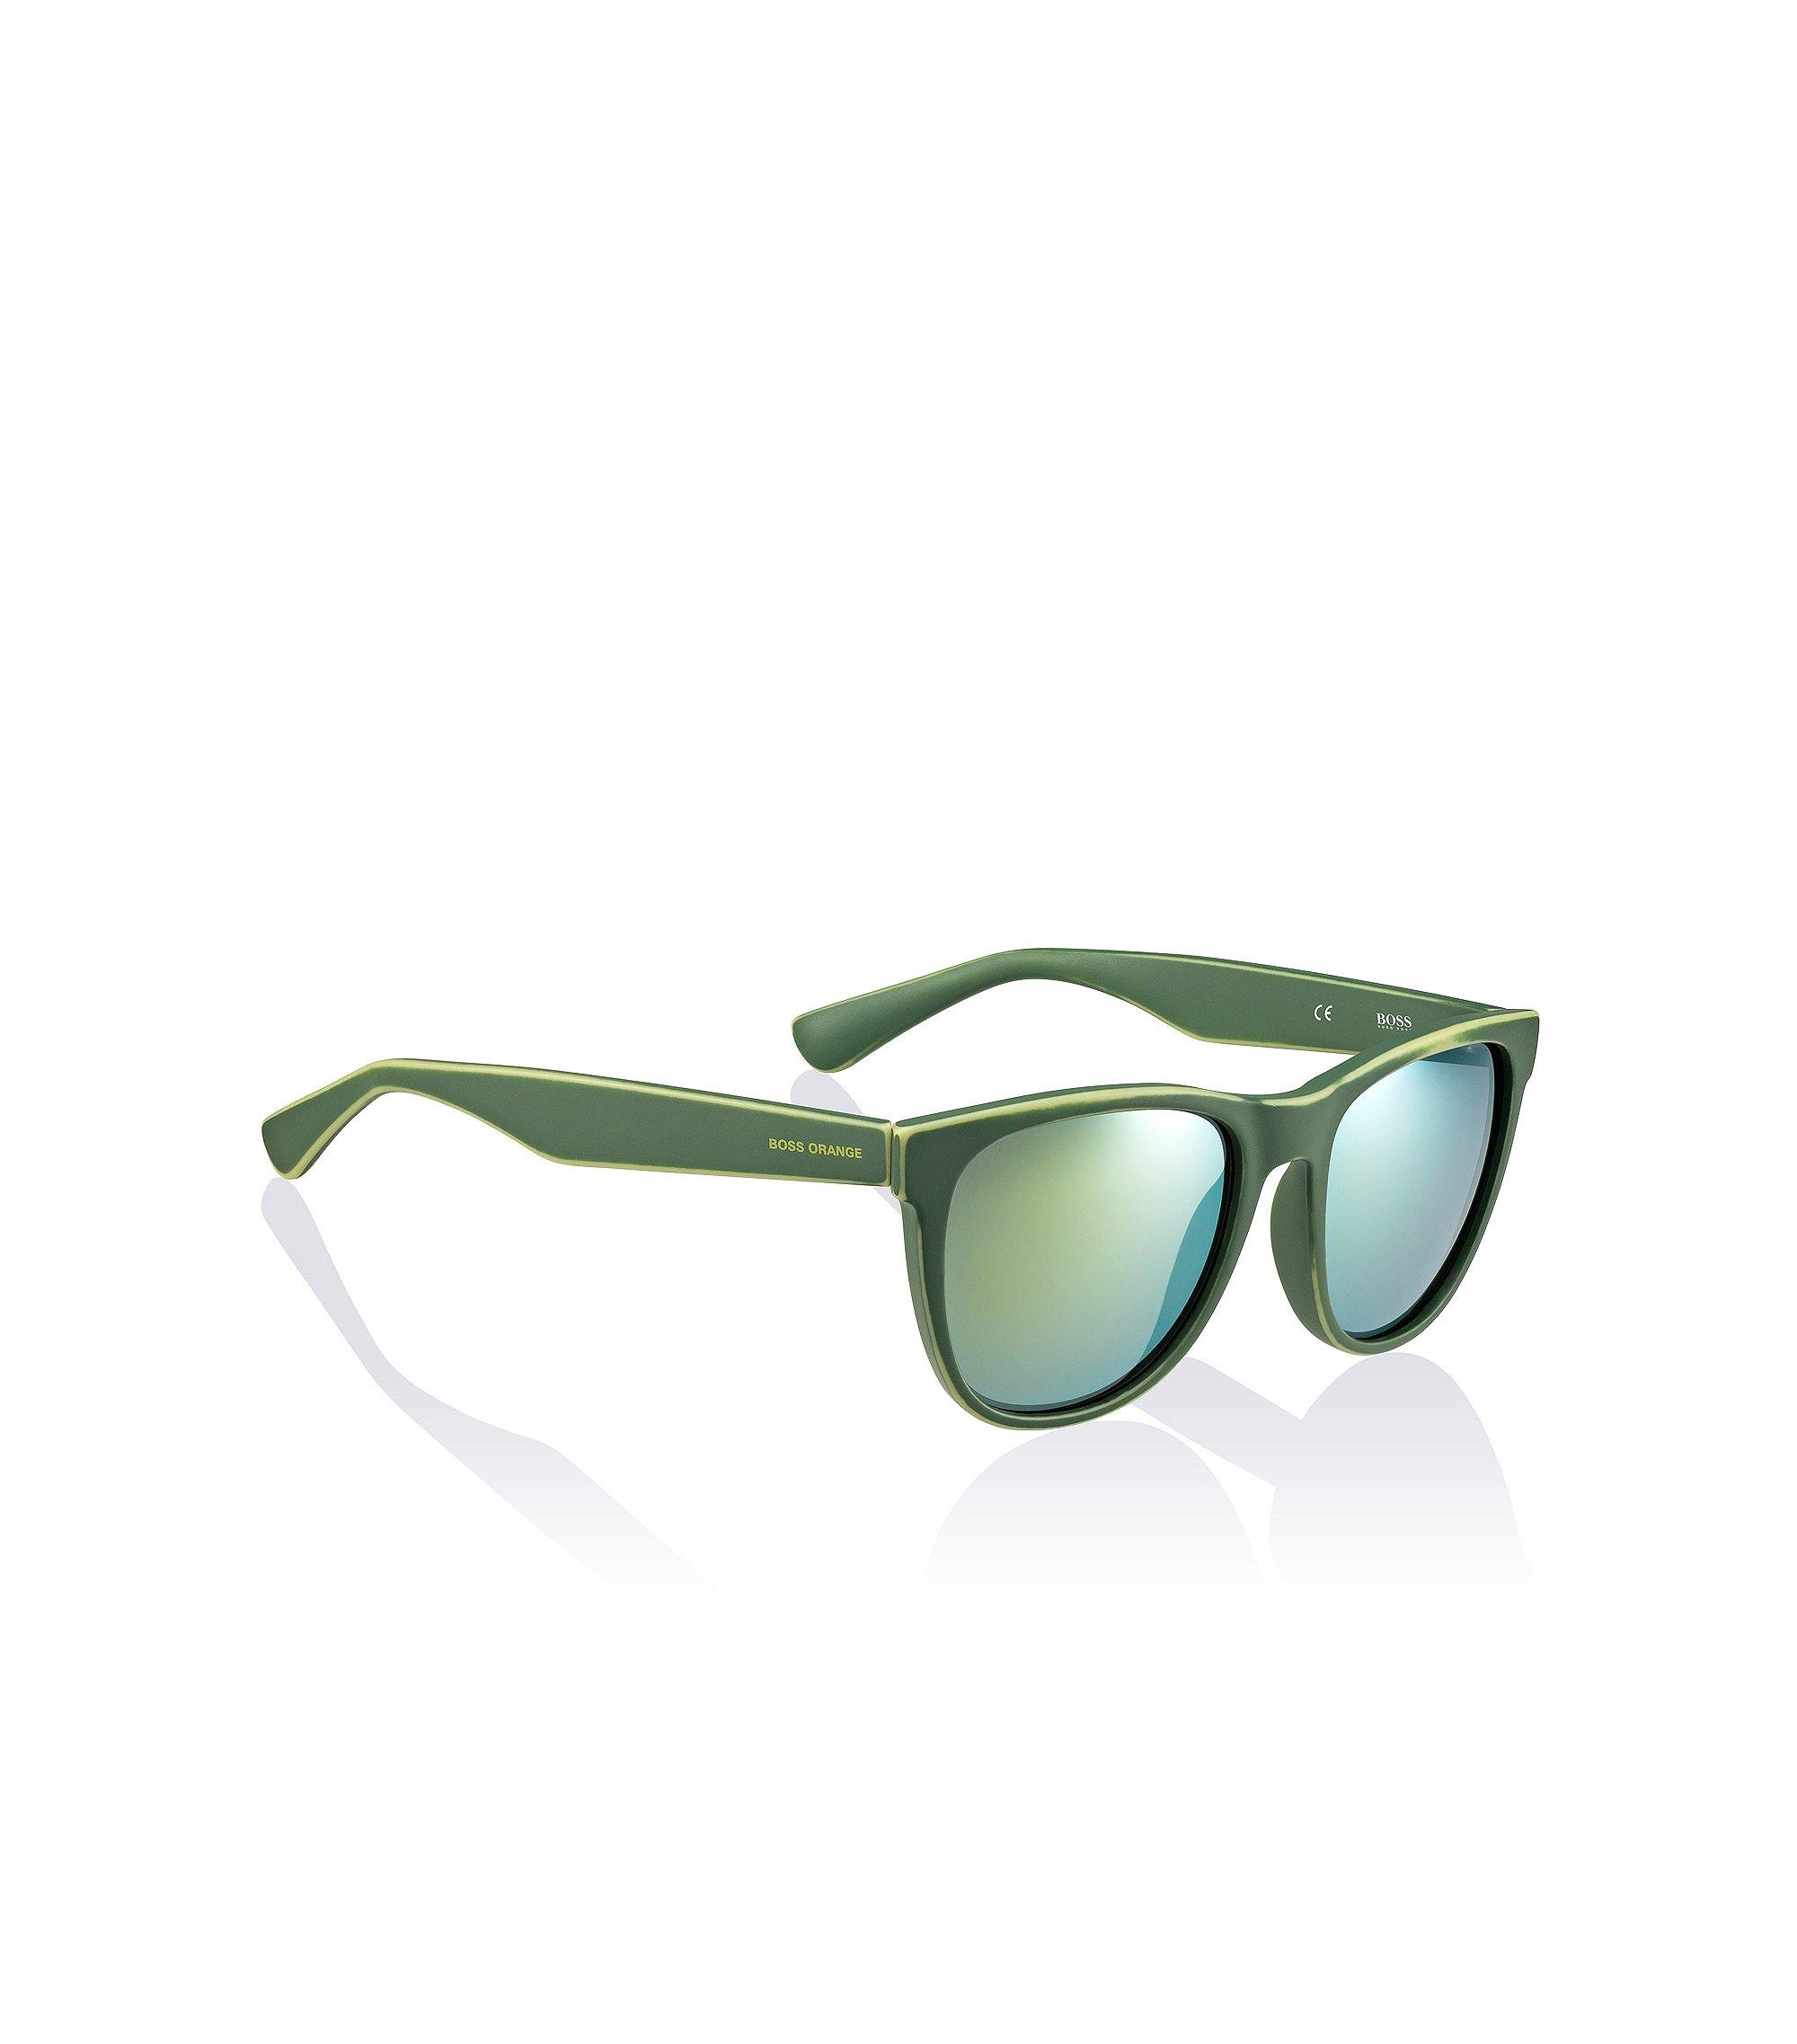 Wayfarer sunglasses 'BO 0198' in acetate, Assorted-Pre-Pack